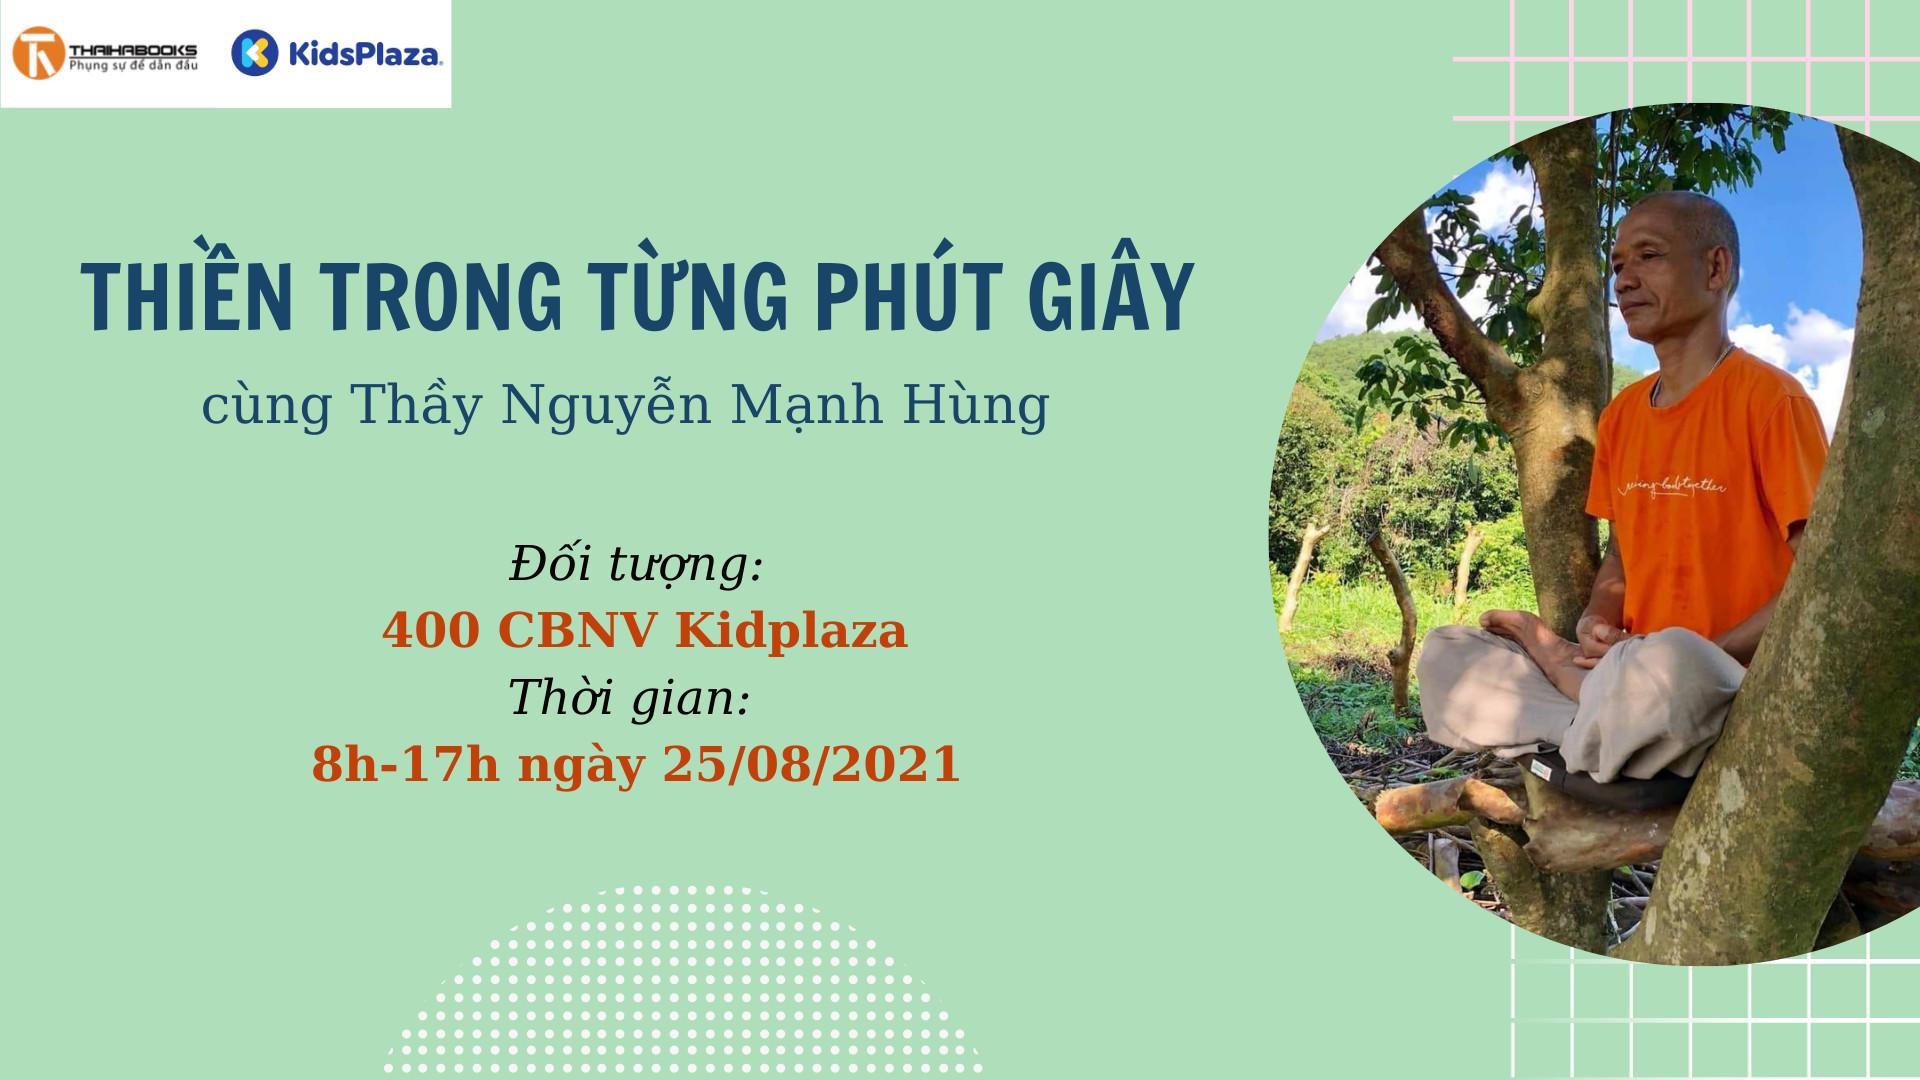 Thiền trong từng phút giây cùng TS Nguyễn Mạnh Hùng